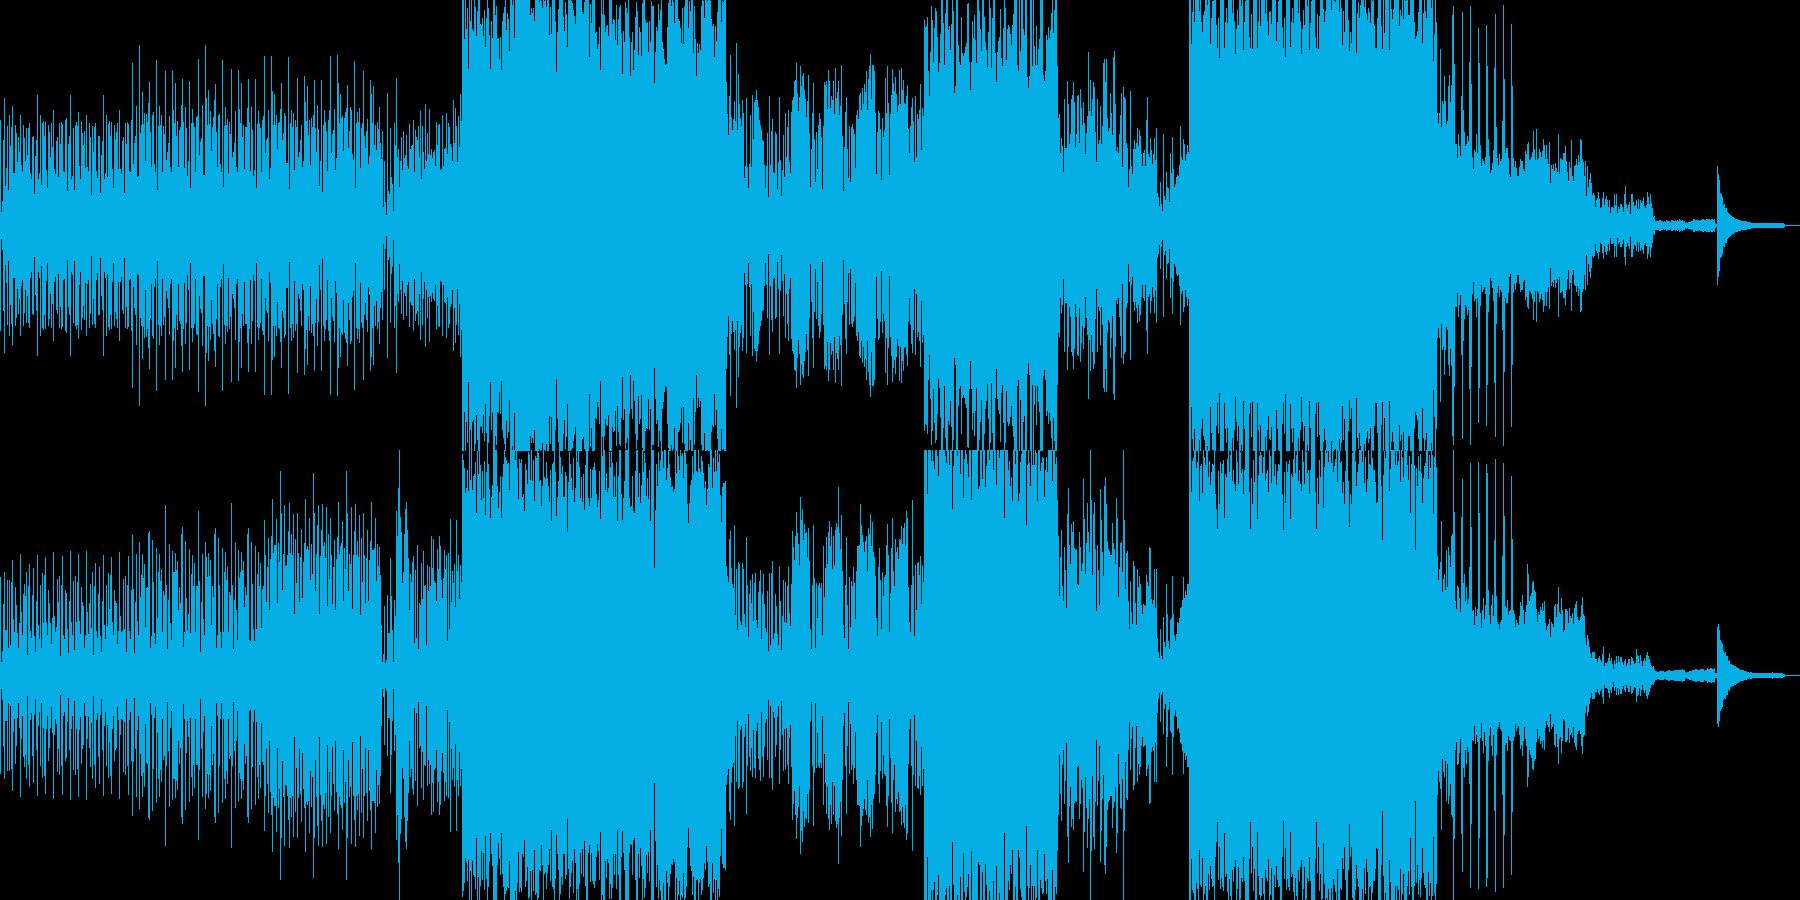 スラップ風のベースが引っ張るBGMの再生済みの波形